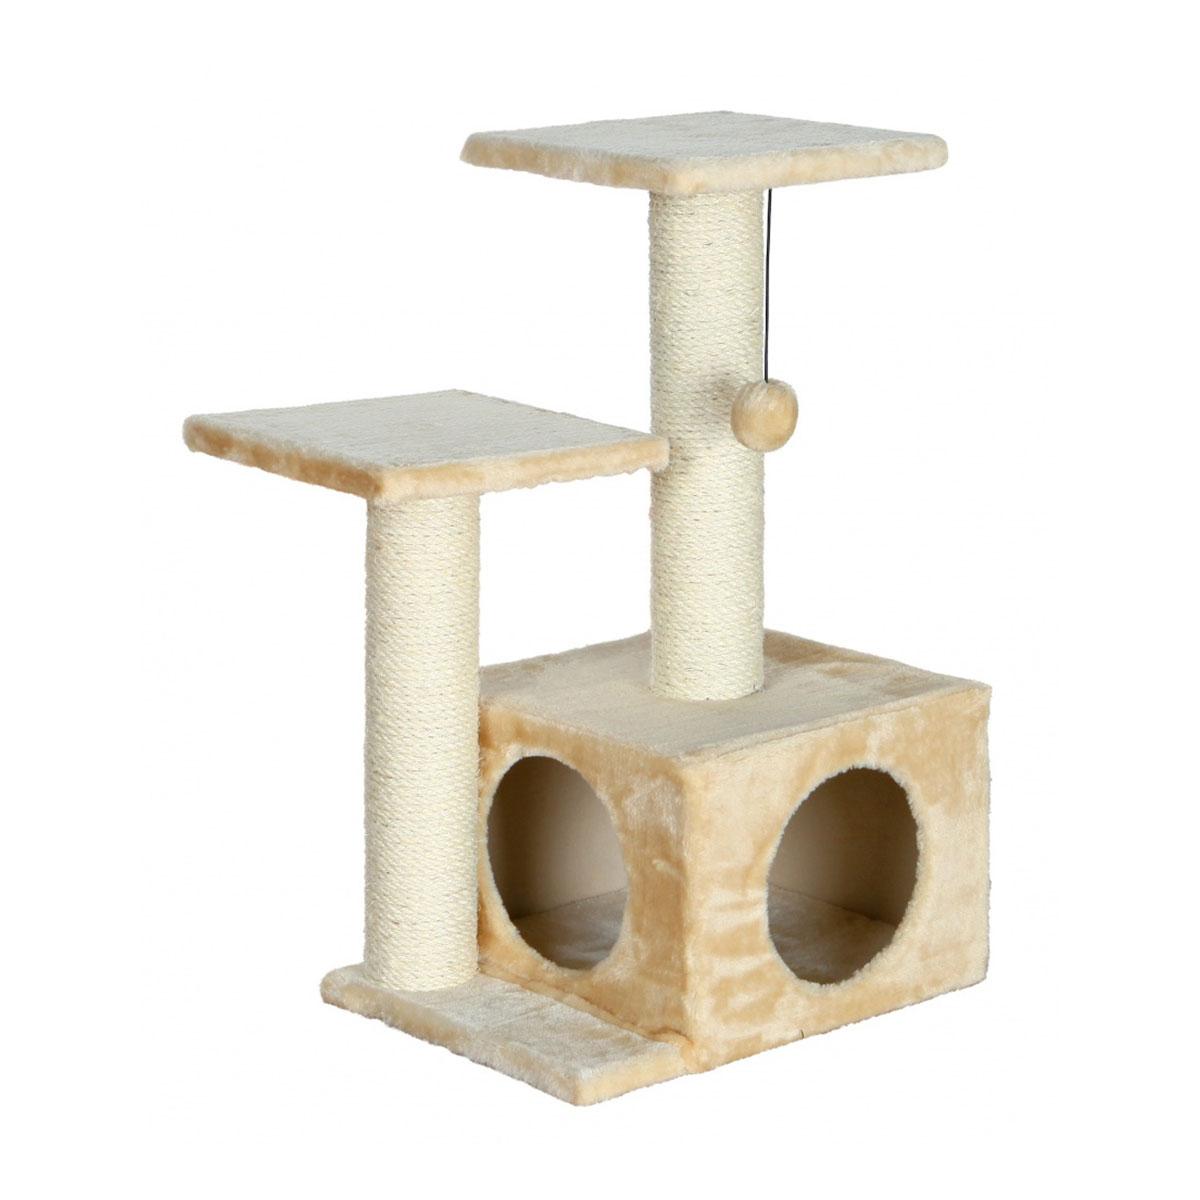 trixie kratzbaum valencia 71cm g nstig kaufen bei zooroyal. Black Bedroom Furniture Sets. Home Design Ideas